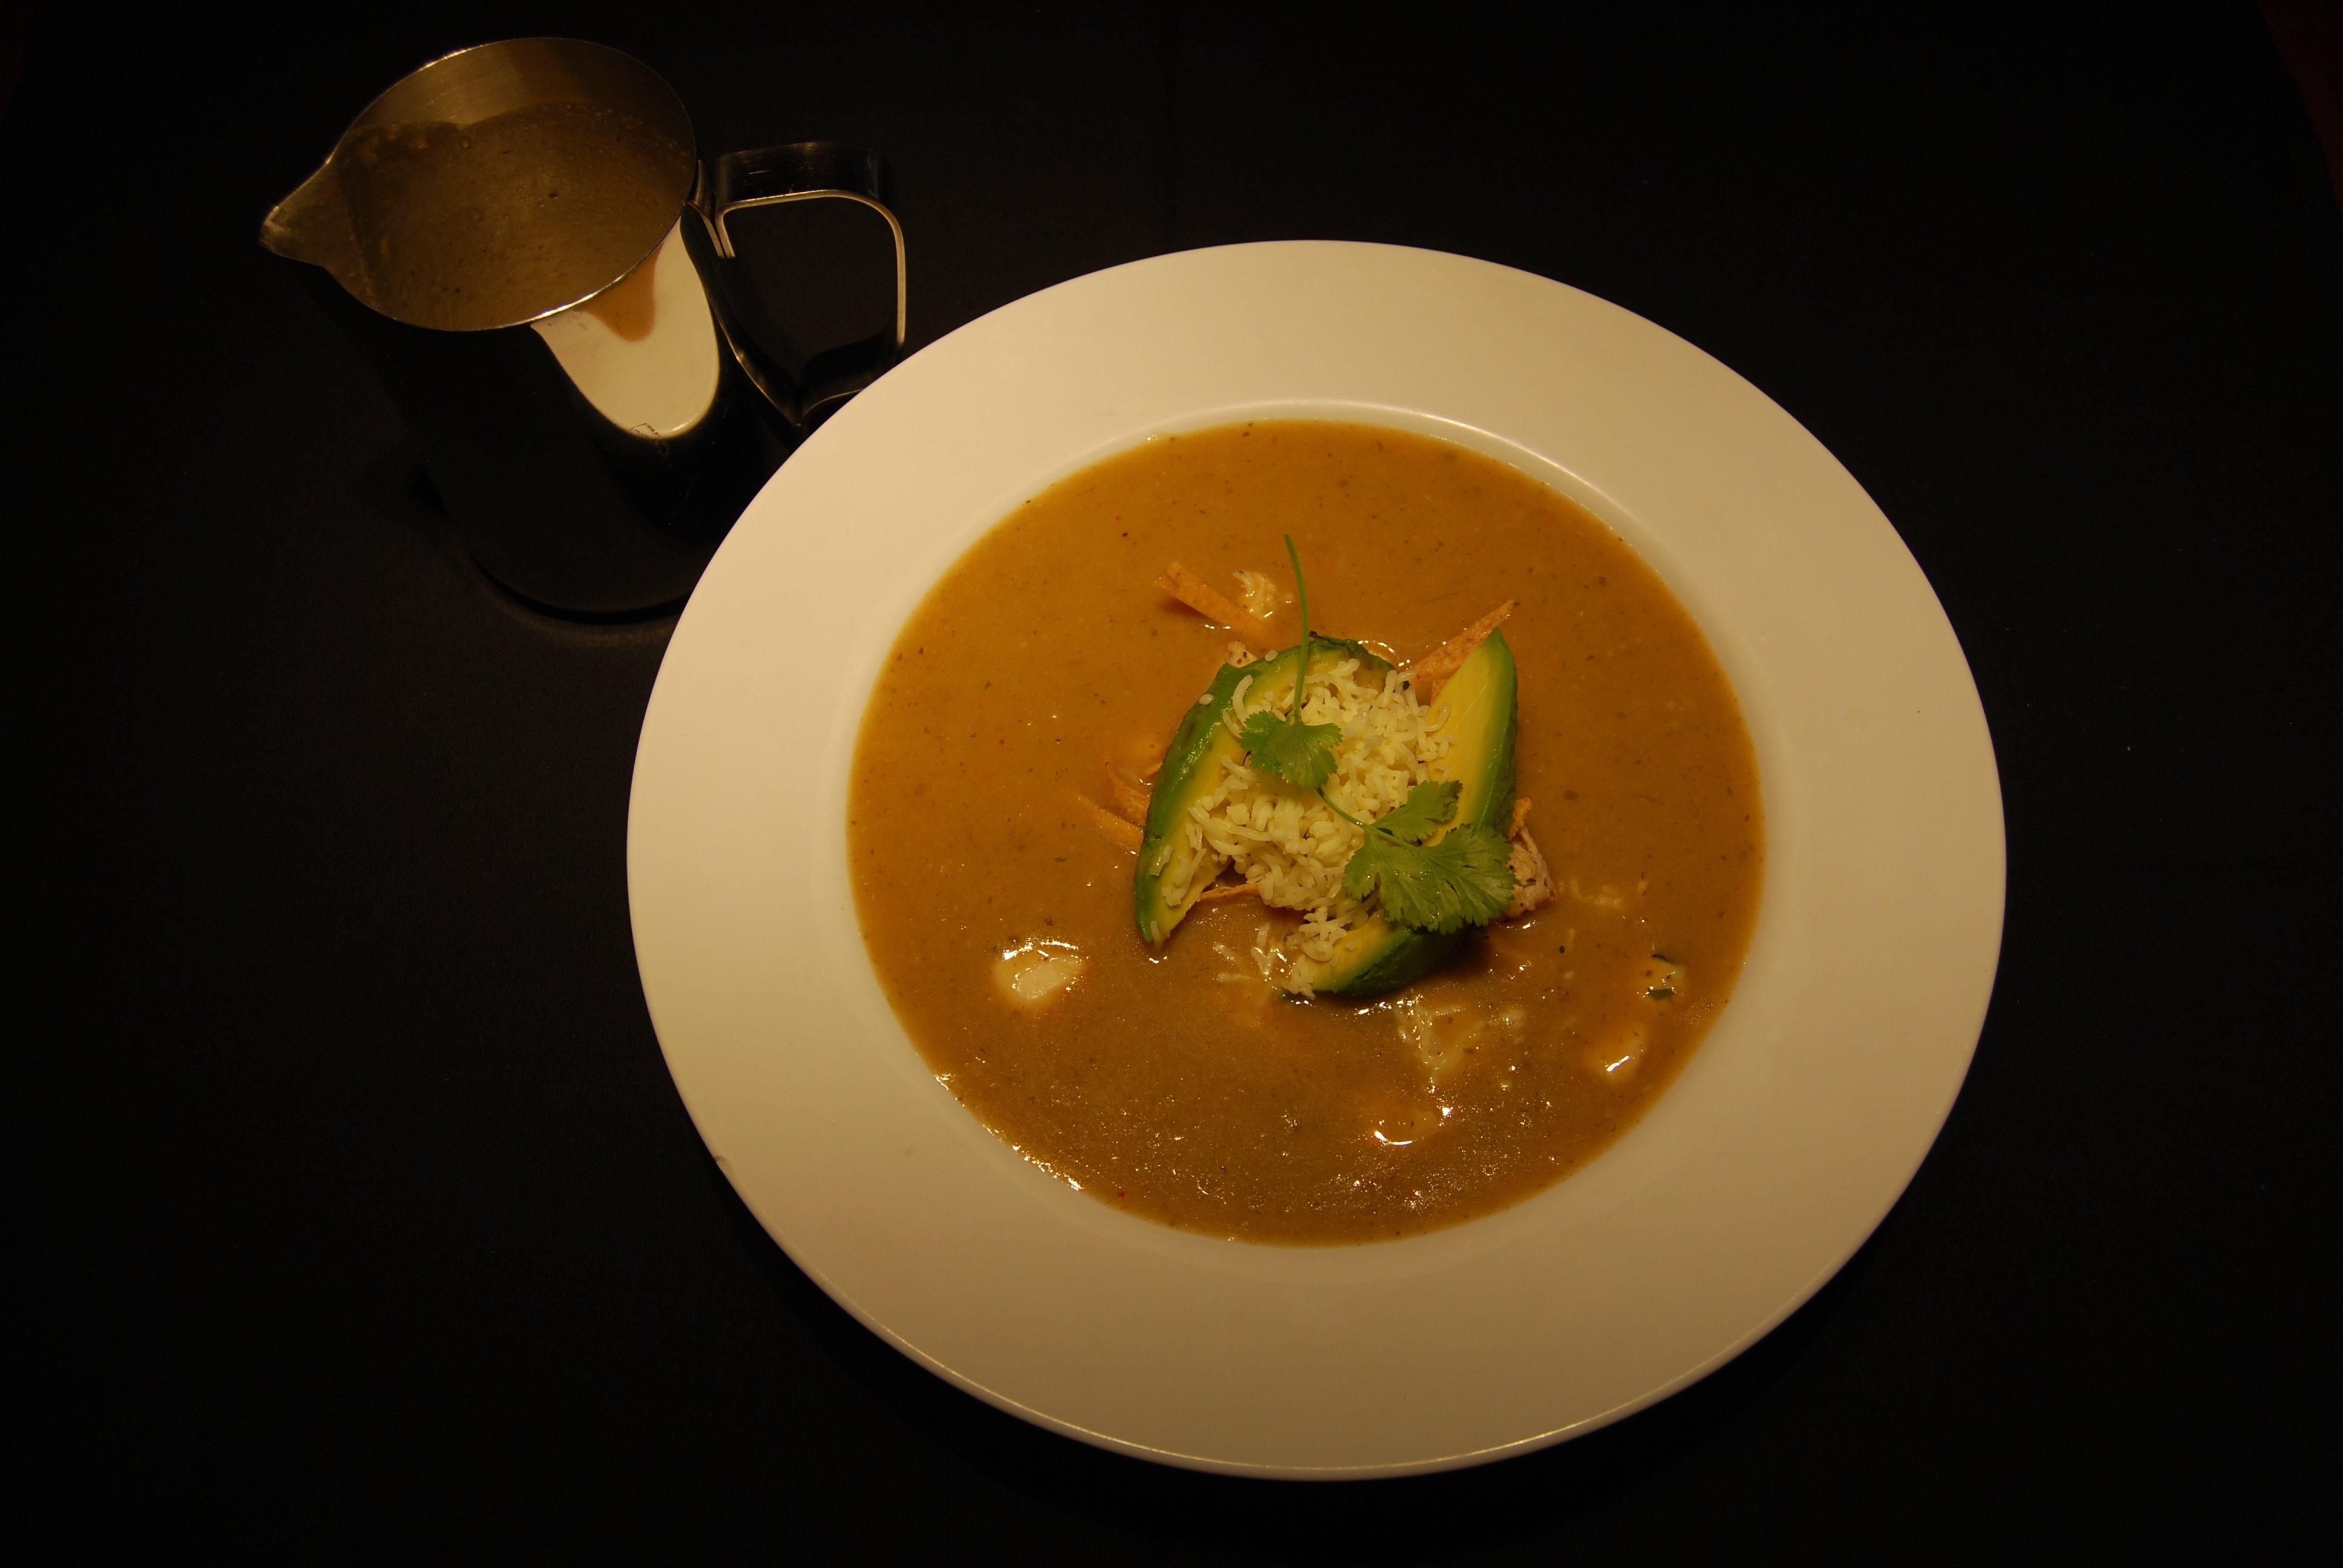 Tortilla Soup at table